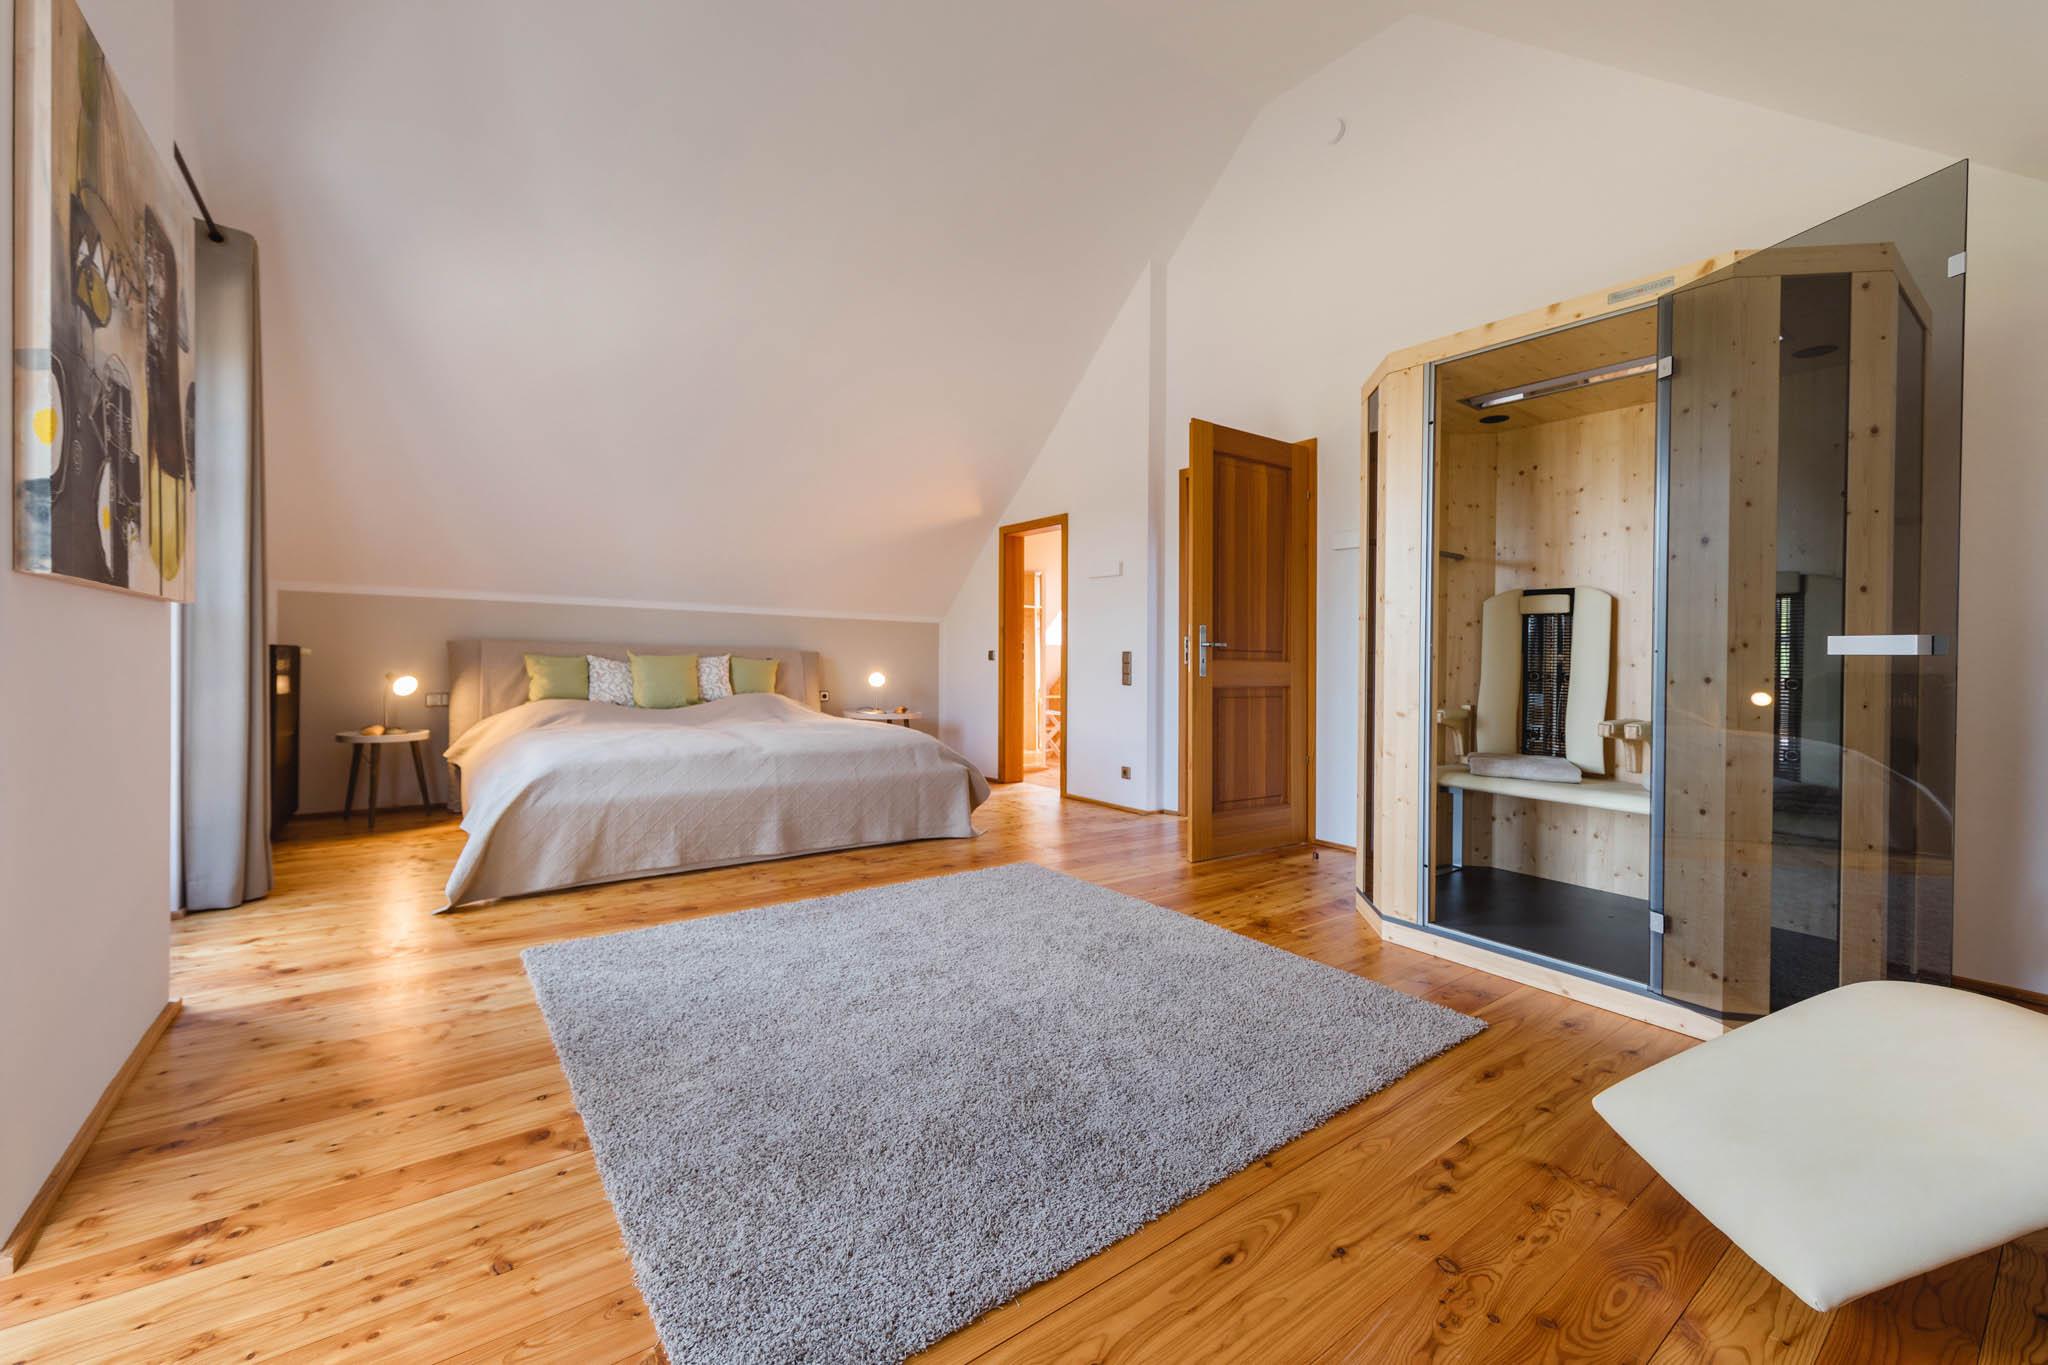 Masterschlafzimmer mit Infrarotkabine, DG